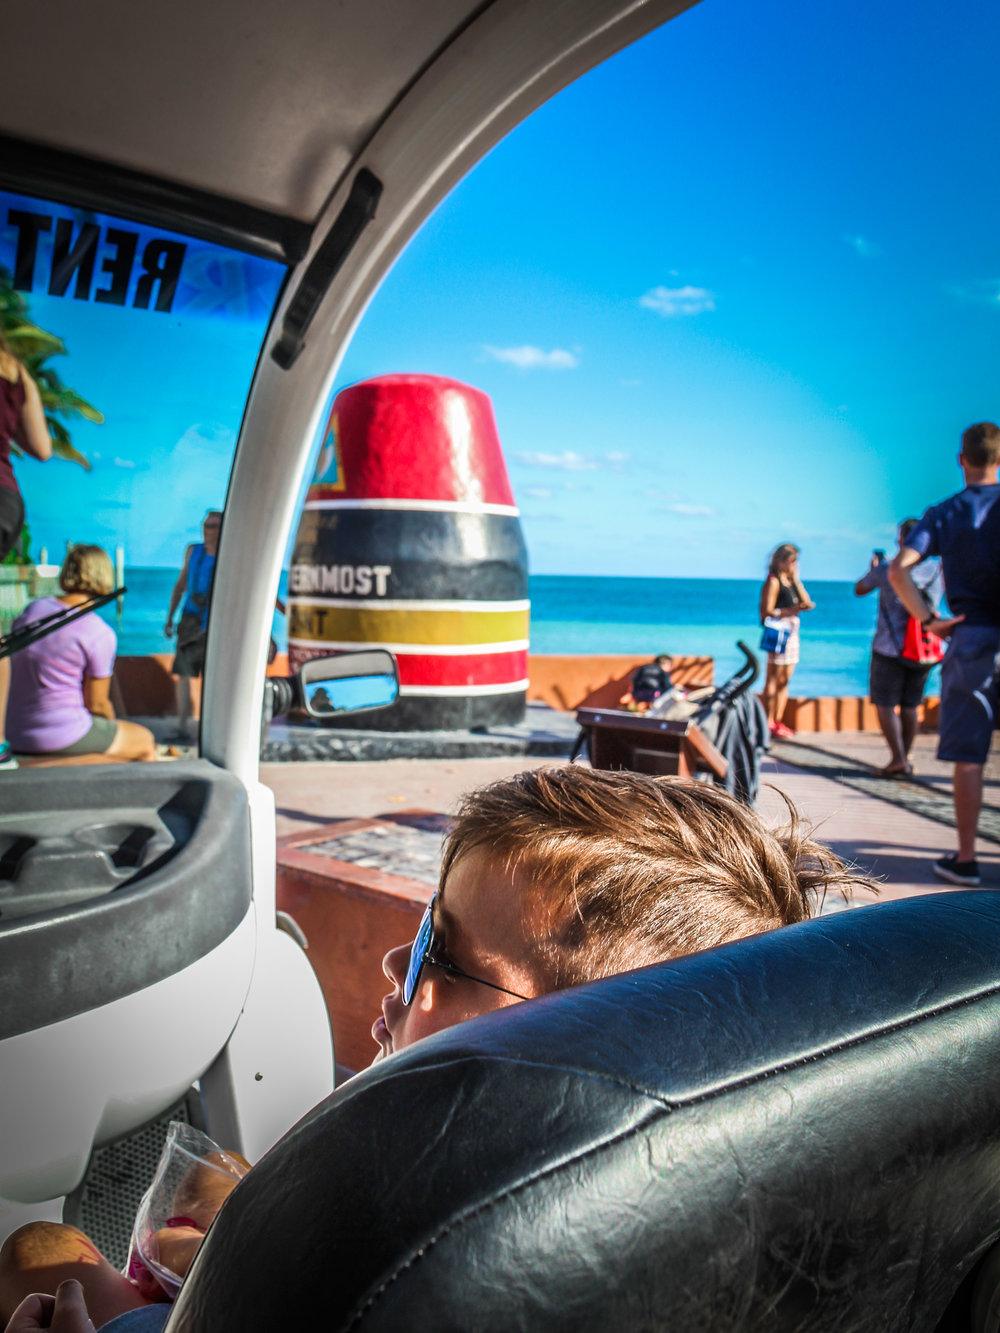 Florida_keys-_Key_west_To_do_reizen_met_kinderen-27.jpg